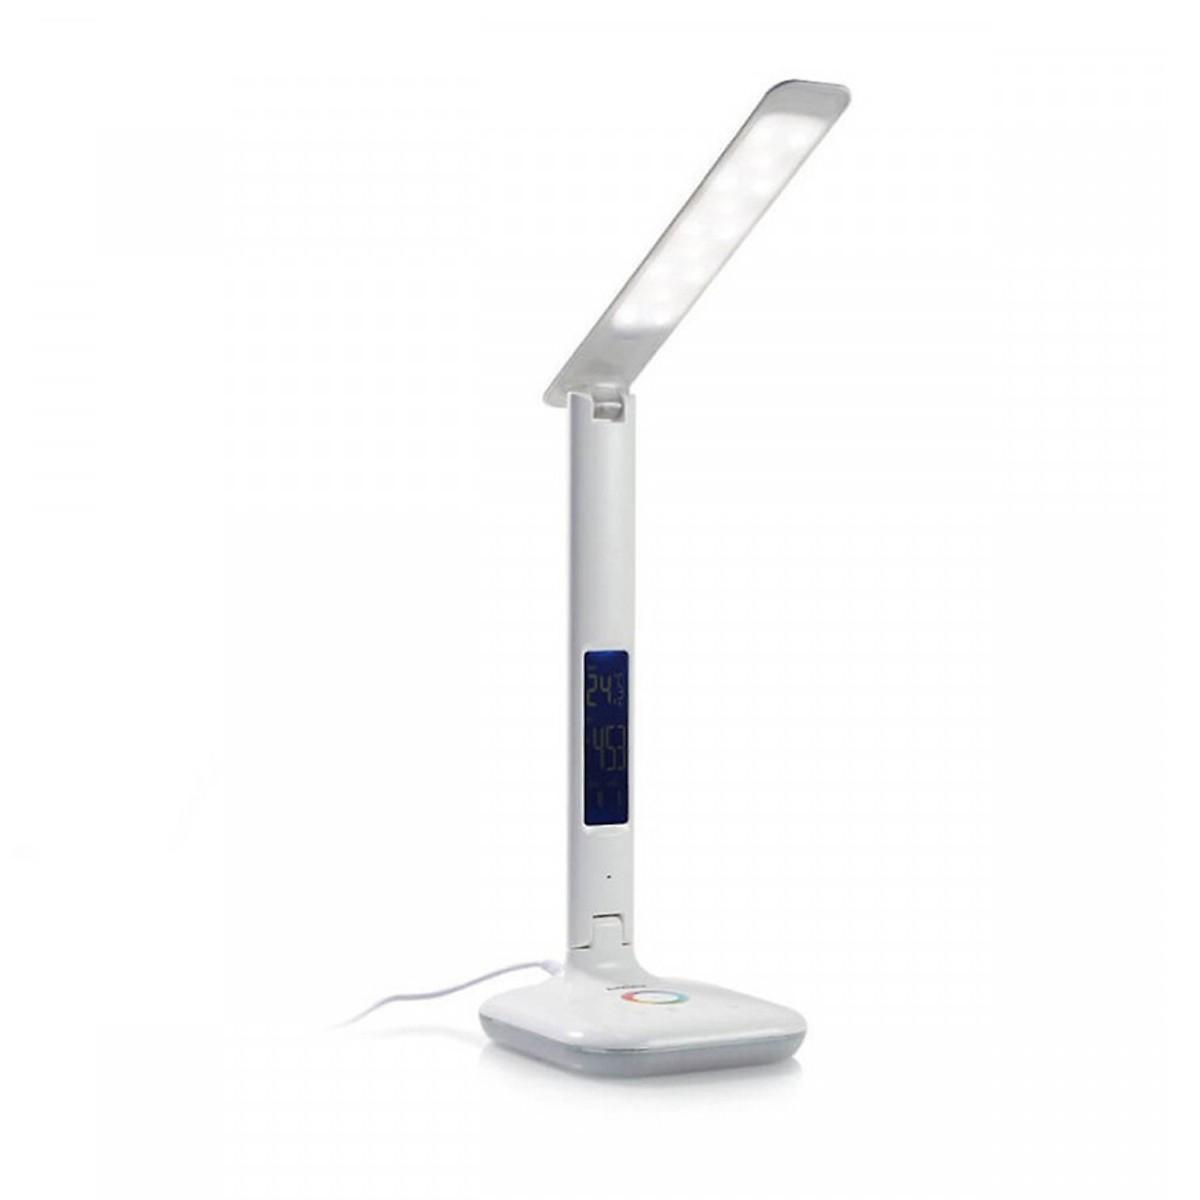 Đèn led cảm ứng đa năng 5 trong 1 Remax RL-E270  + Tặng Gía Đỡ Điện Thoại - Chính Hãng